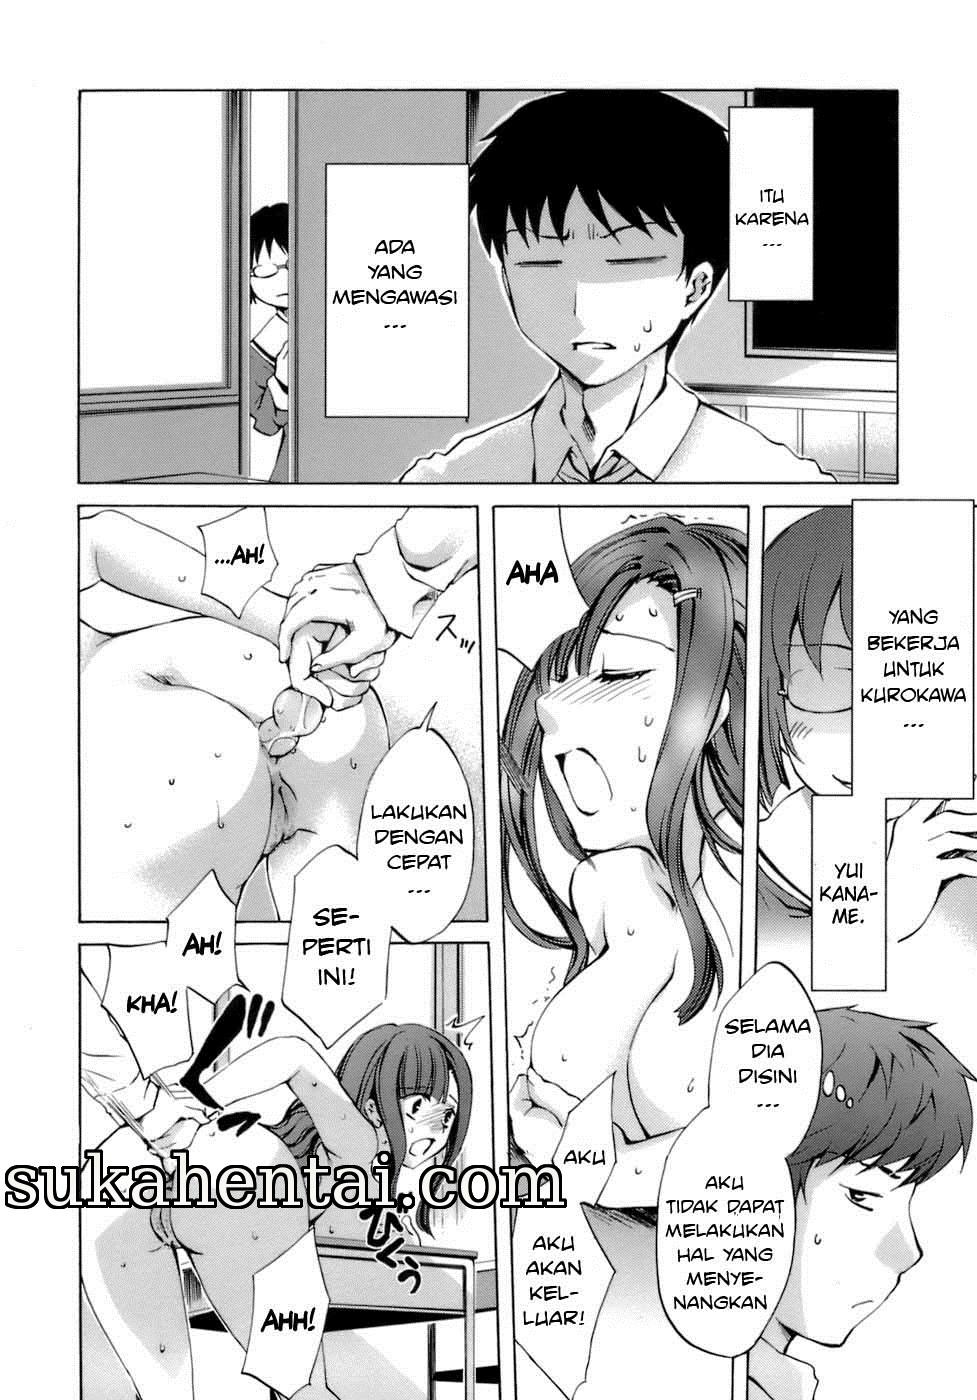 Komik Hentai   Manga Hentai   Komik XXX   Komik Porno   Komik SEX   komik dewasa   komik ngentot   komik hentai sex   komik sex naruto   komik sex one piece   komik hentai manga   komik sex hot Komik dewasa birahi cewek sexy